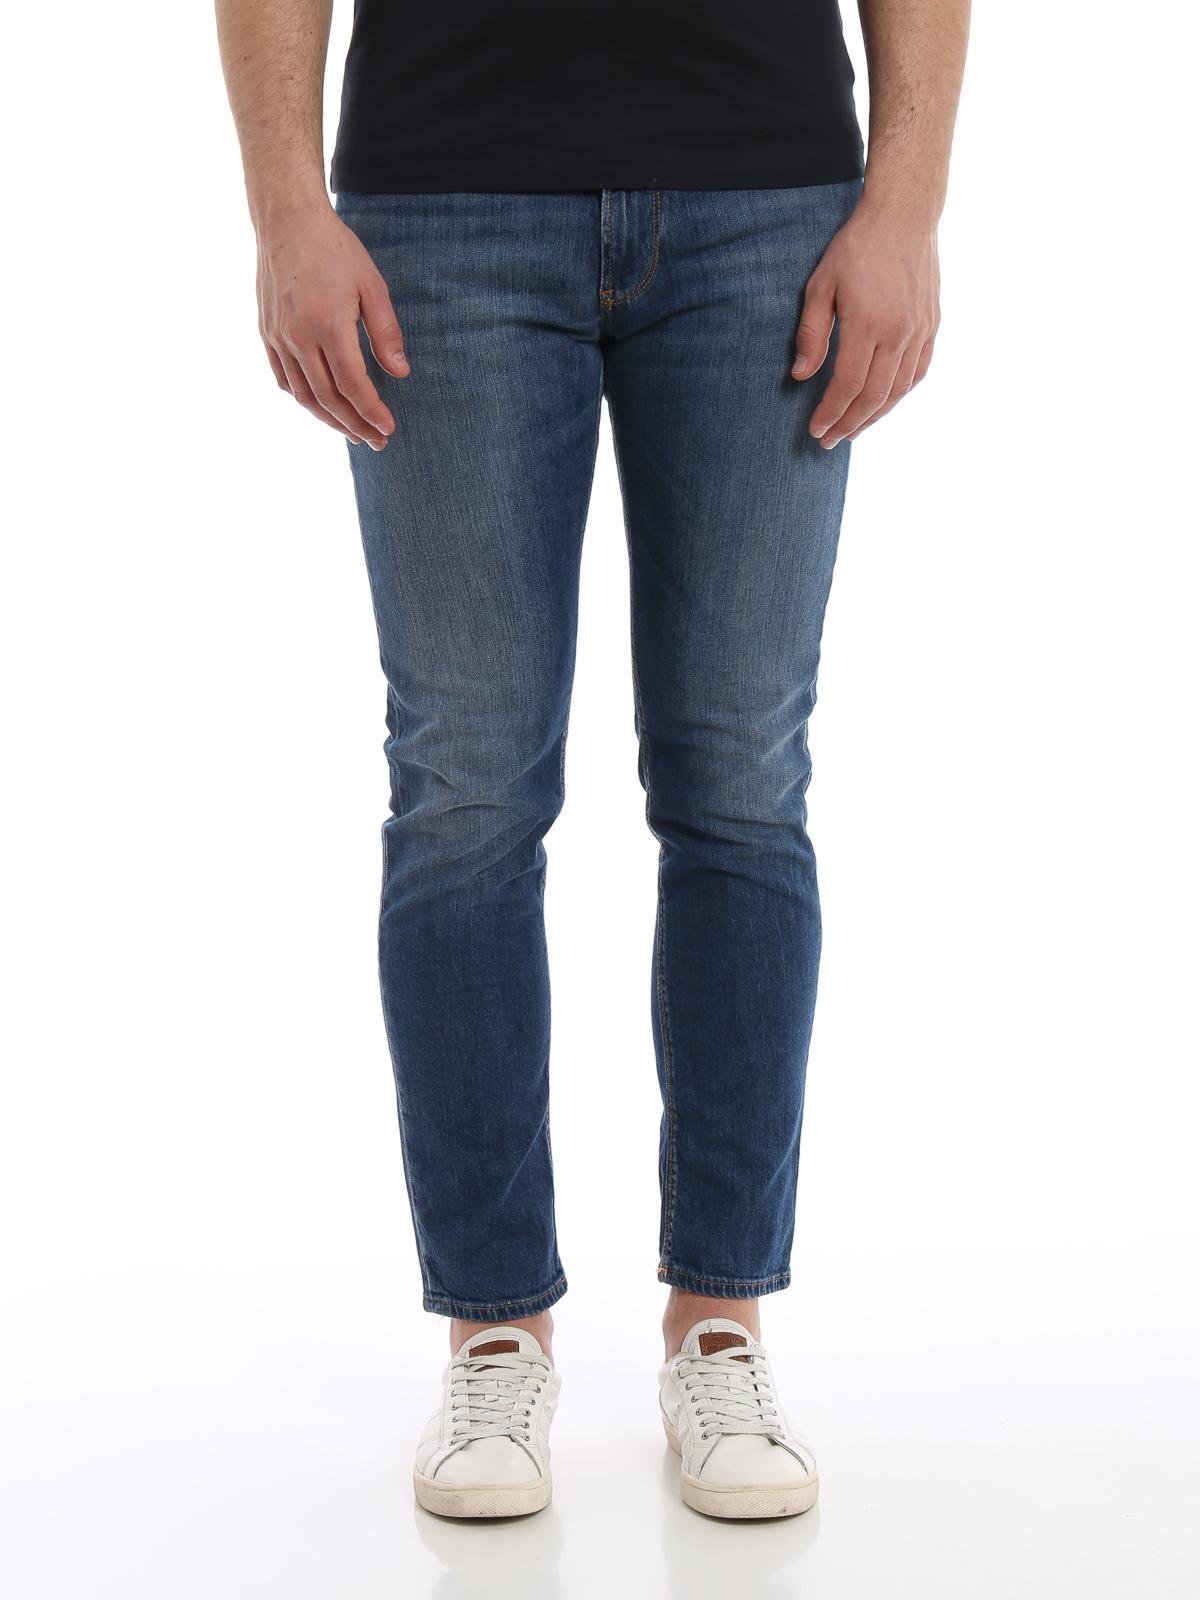 54f7628d84da iKRIX EMPORIO ARMANI  straight leg jeans - Slim fit five pocket denim jeans